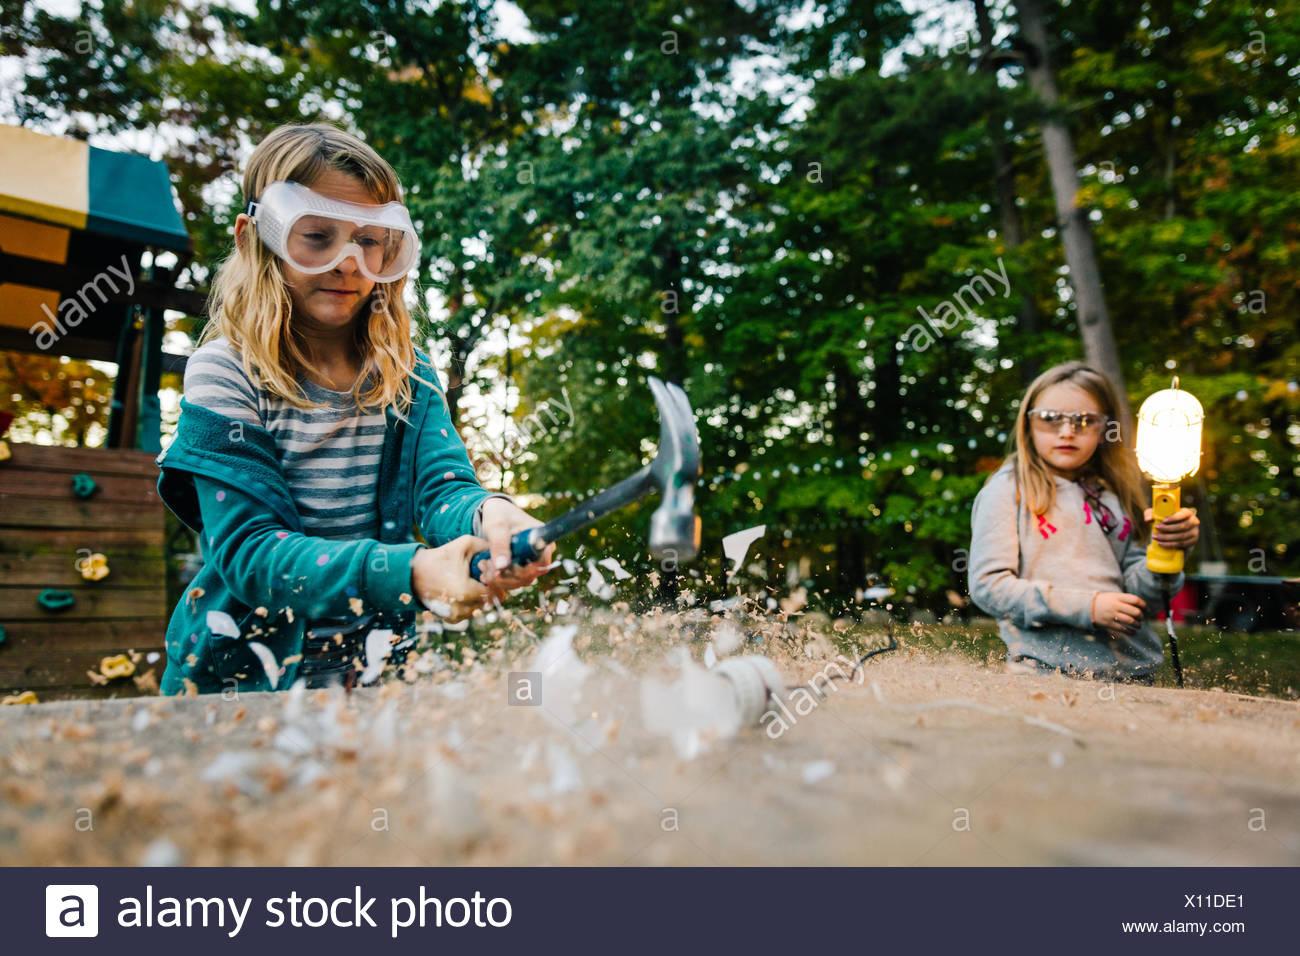 Girl smashing lightbulb with hammer on garden table at dusk - Stock Image